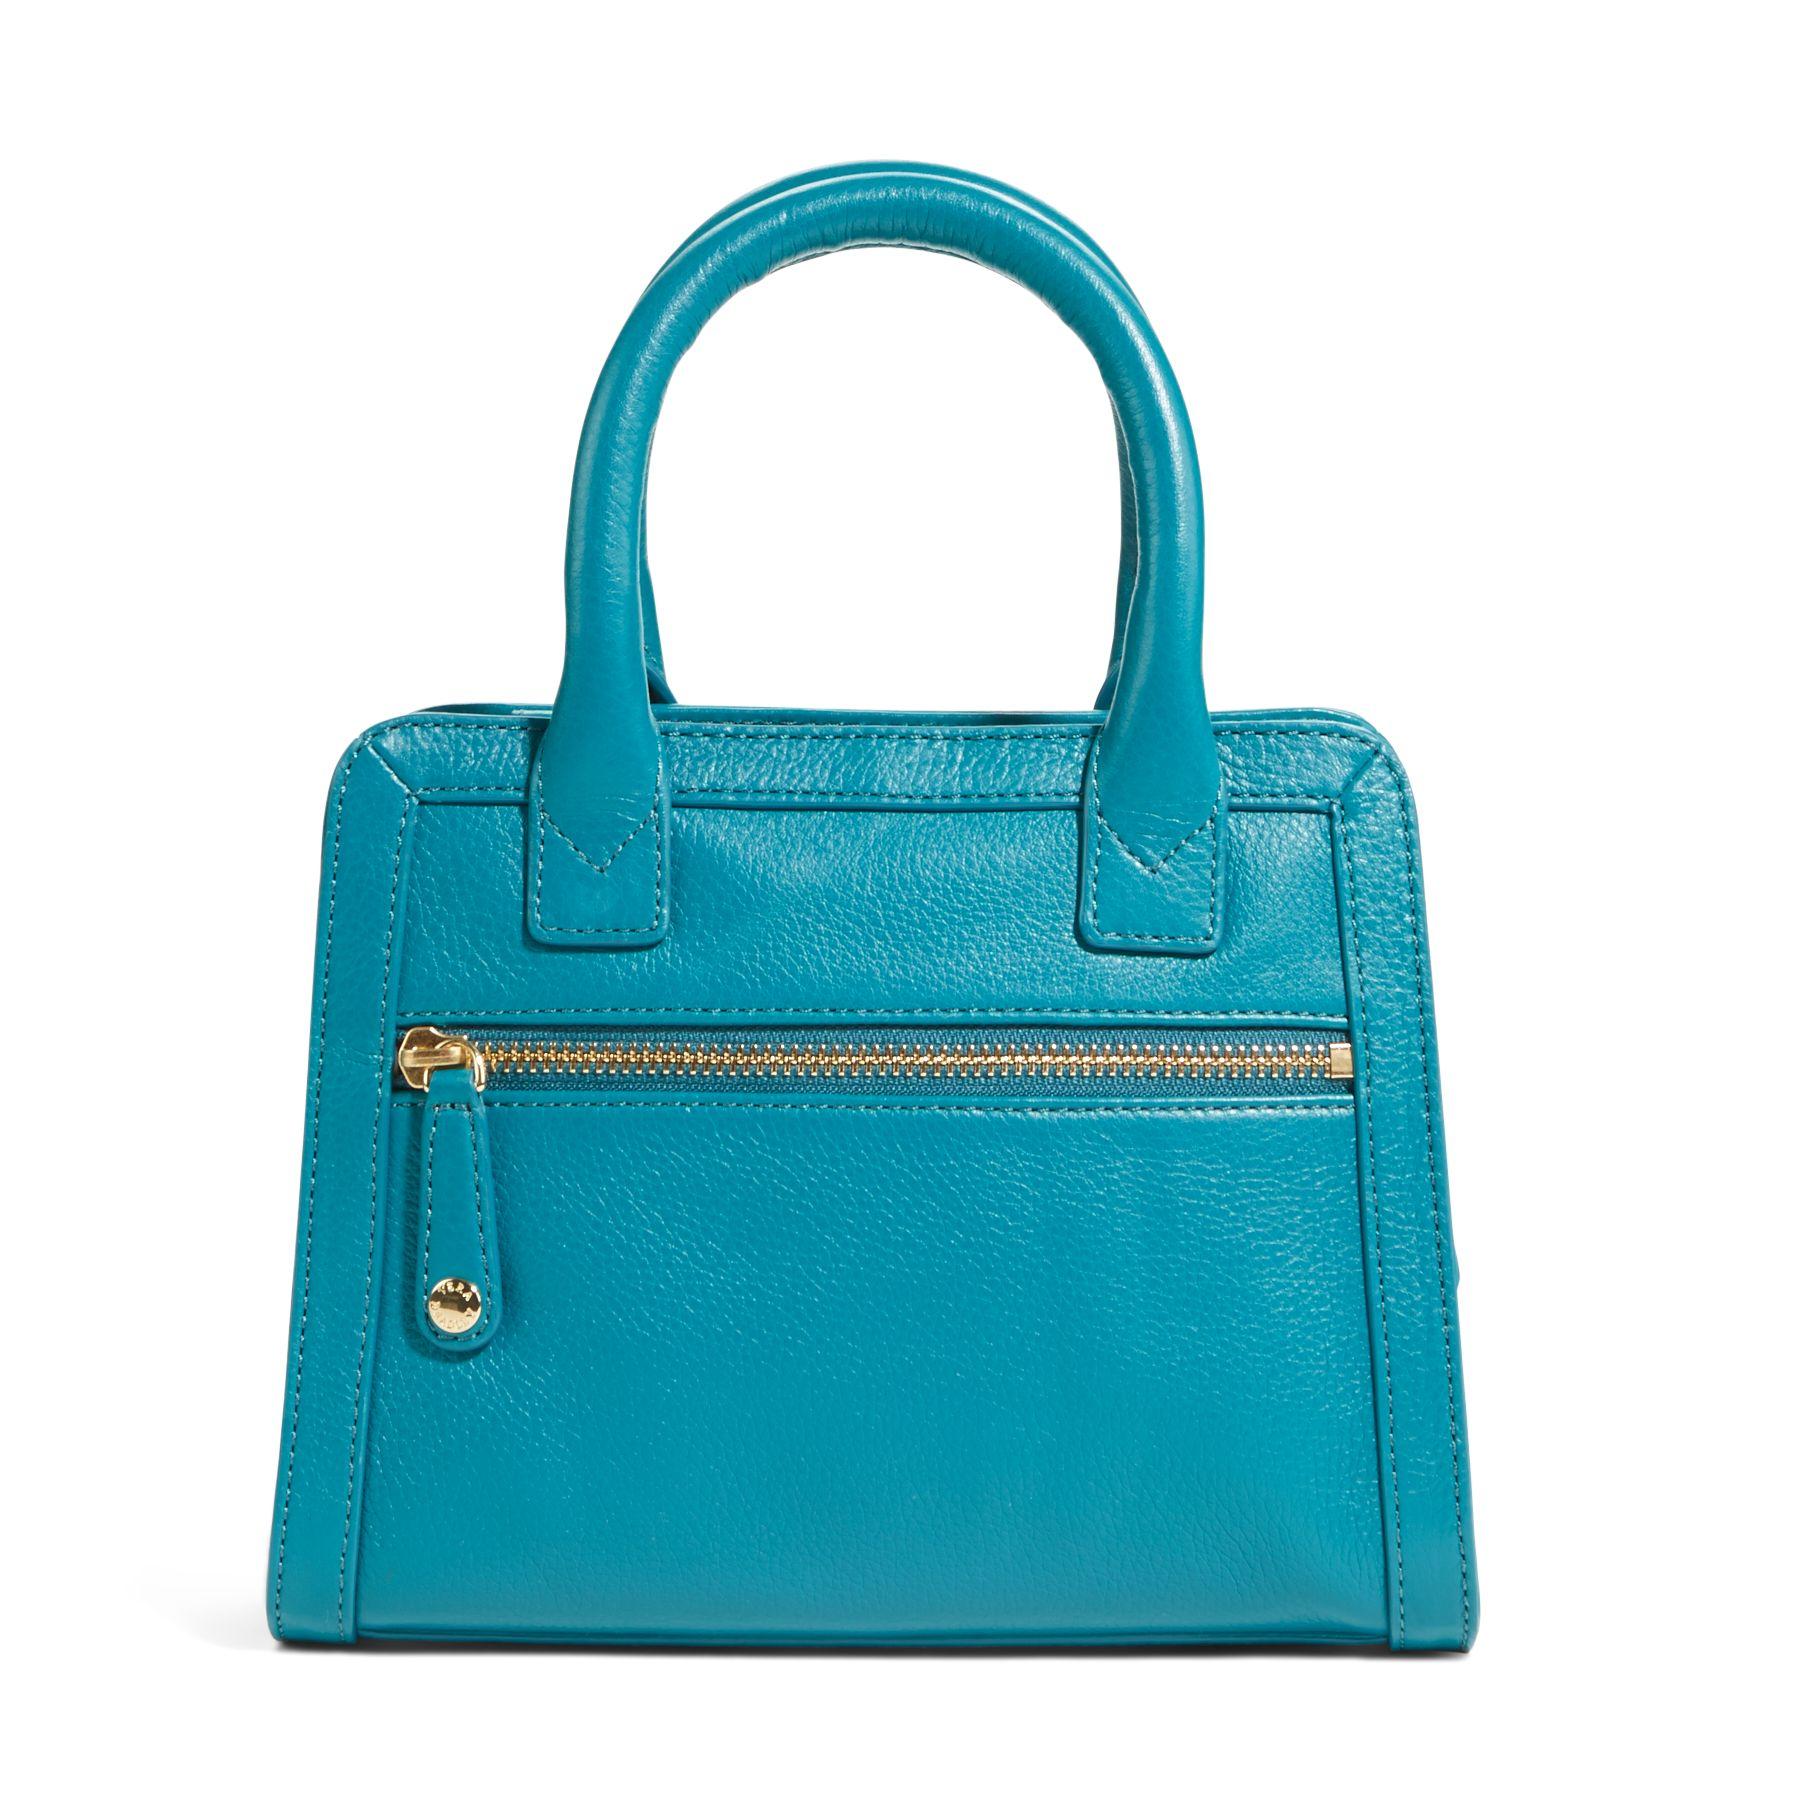 Vera Bradley Leather Natalie Crossbody Bag Ebay